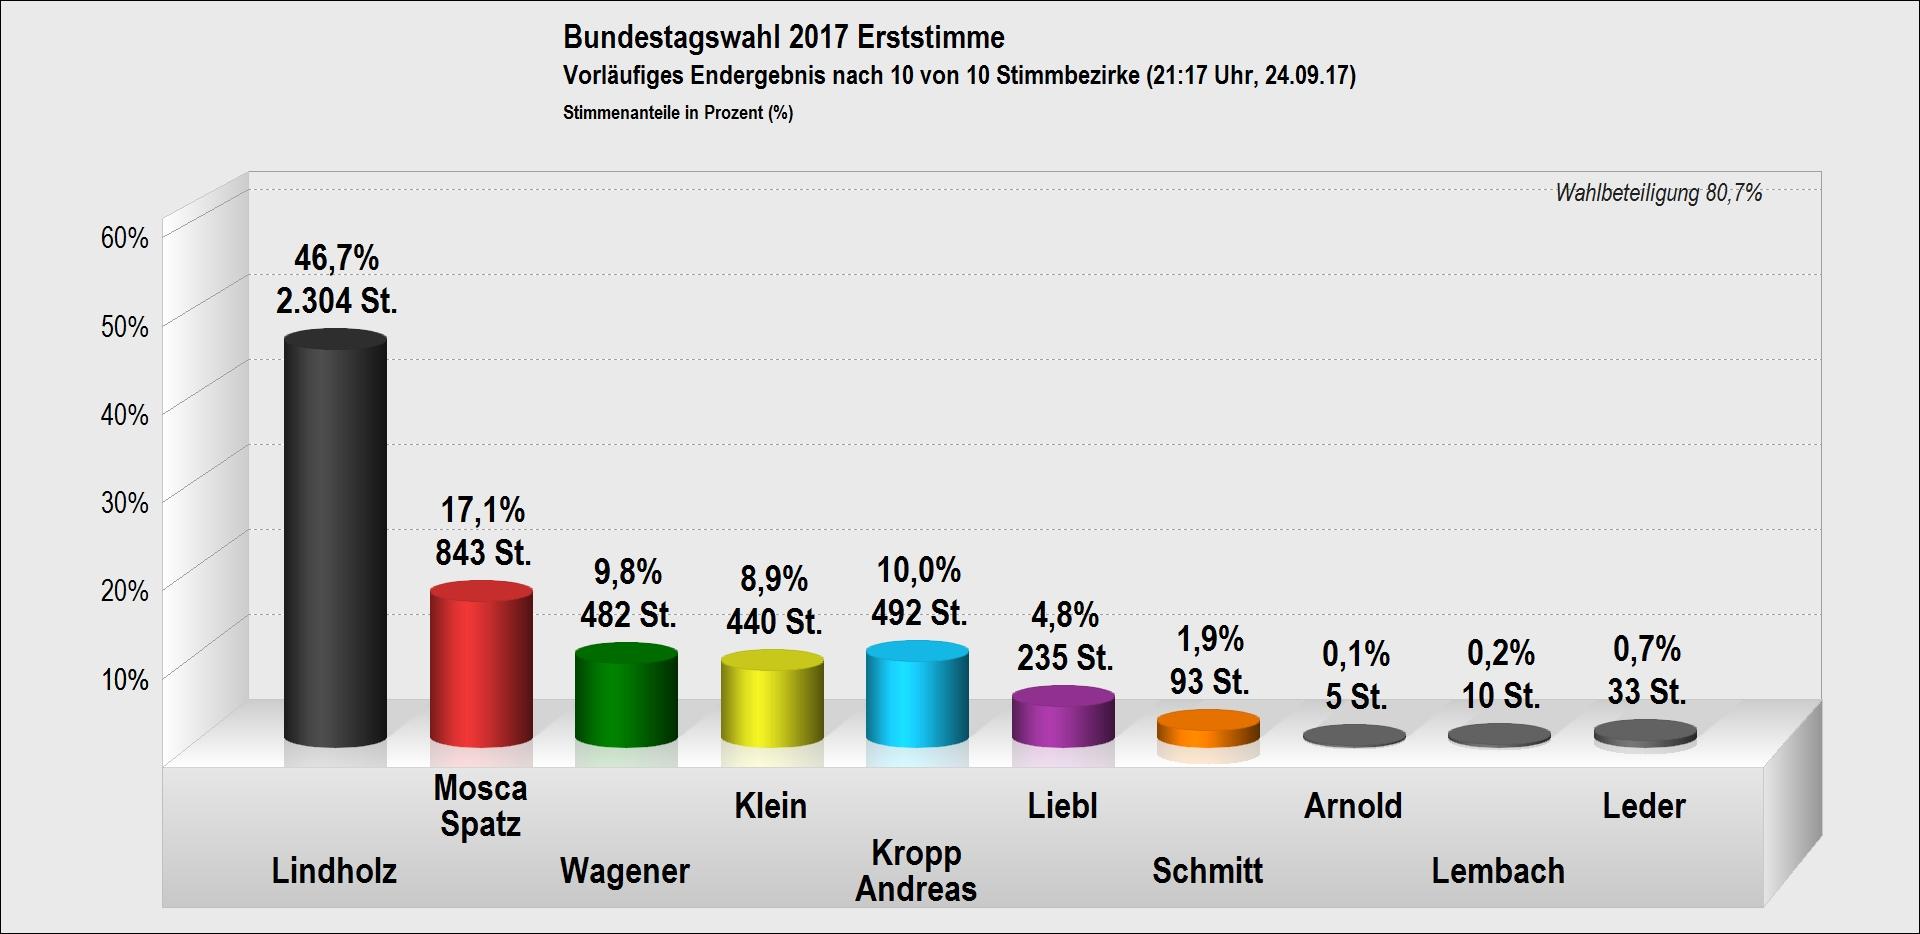 bundestagswahl-2017-erststimmen